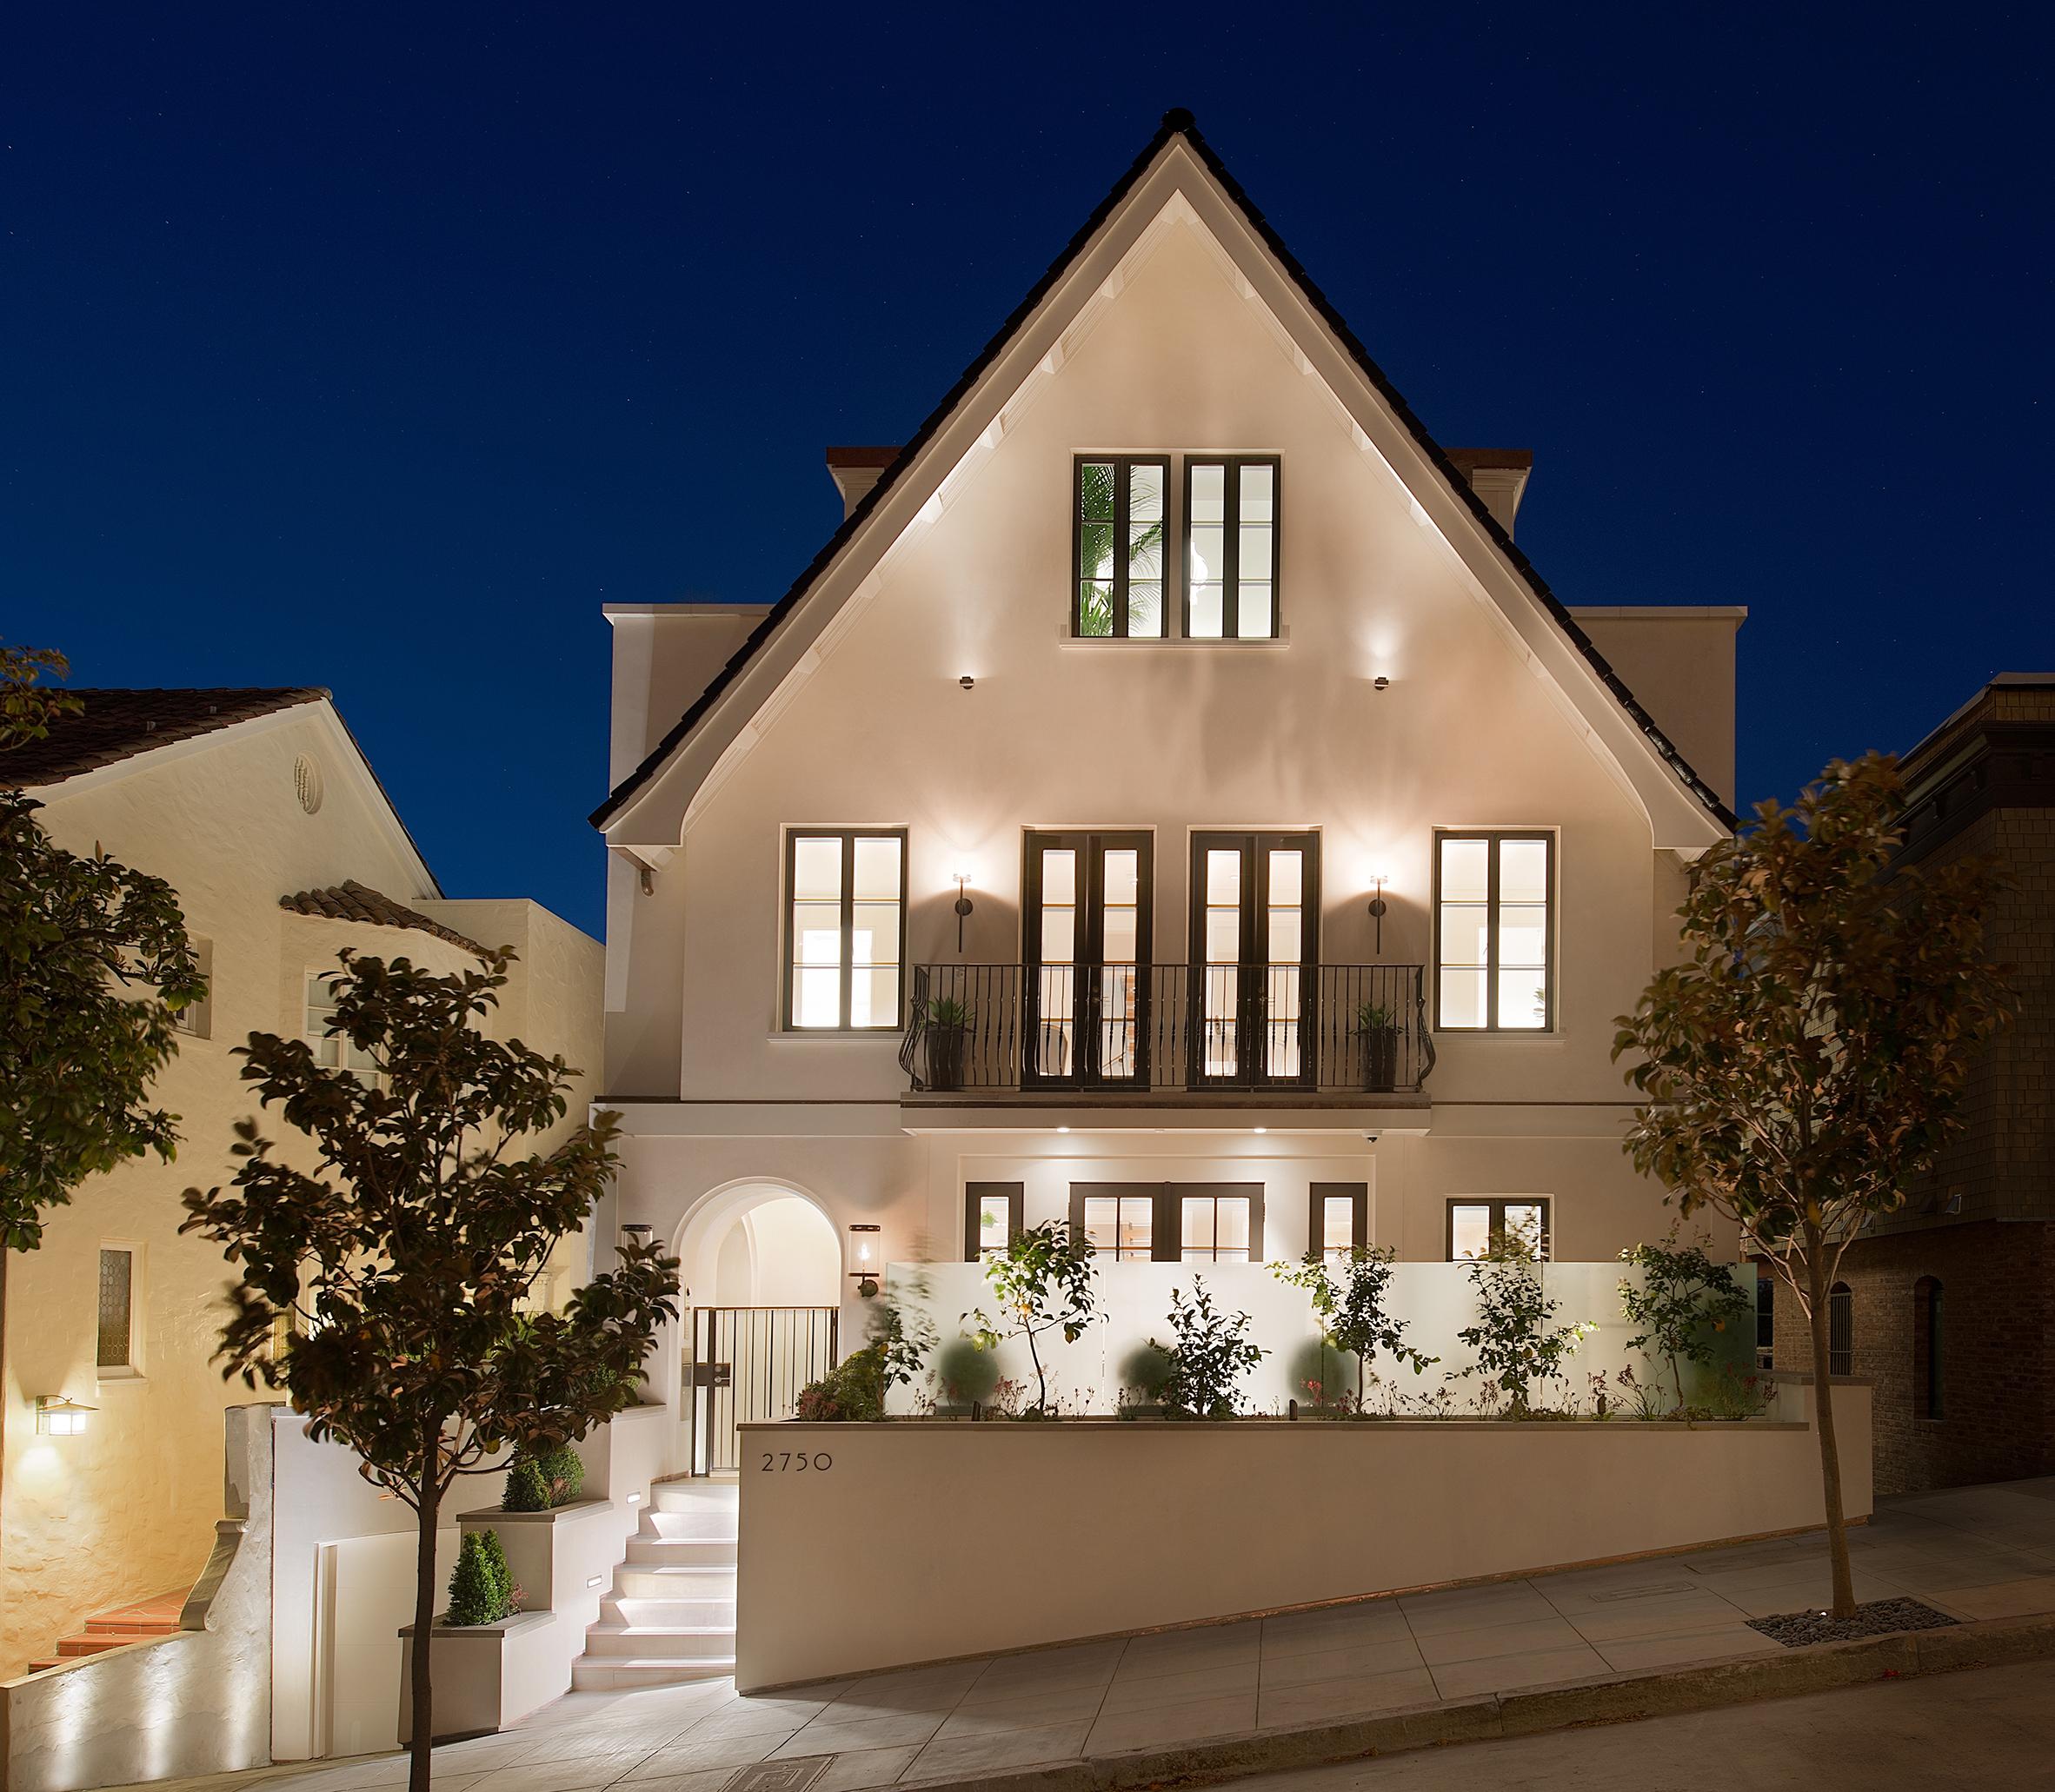 Residence 2750 street facade night